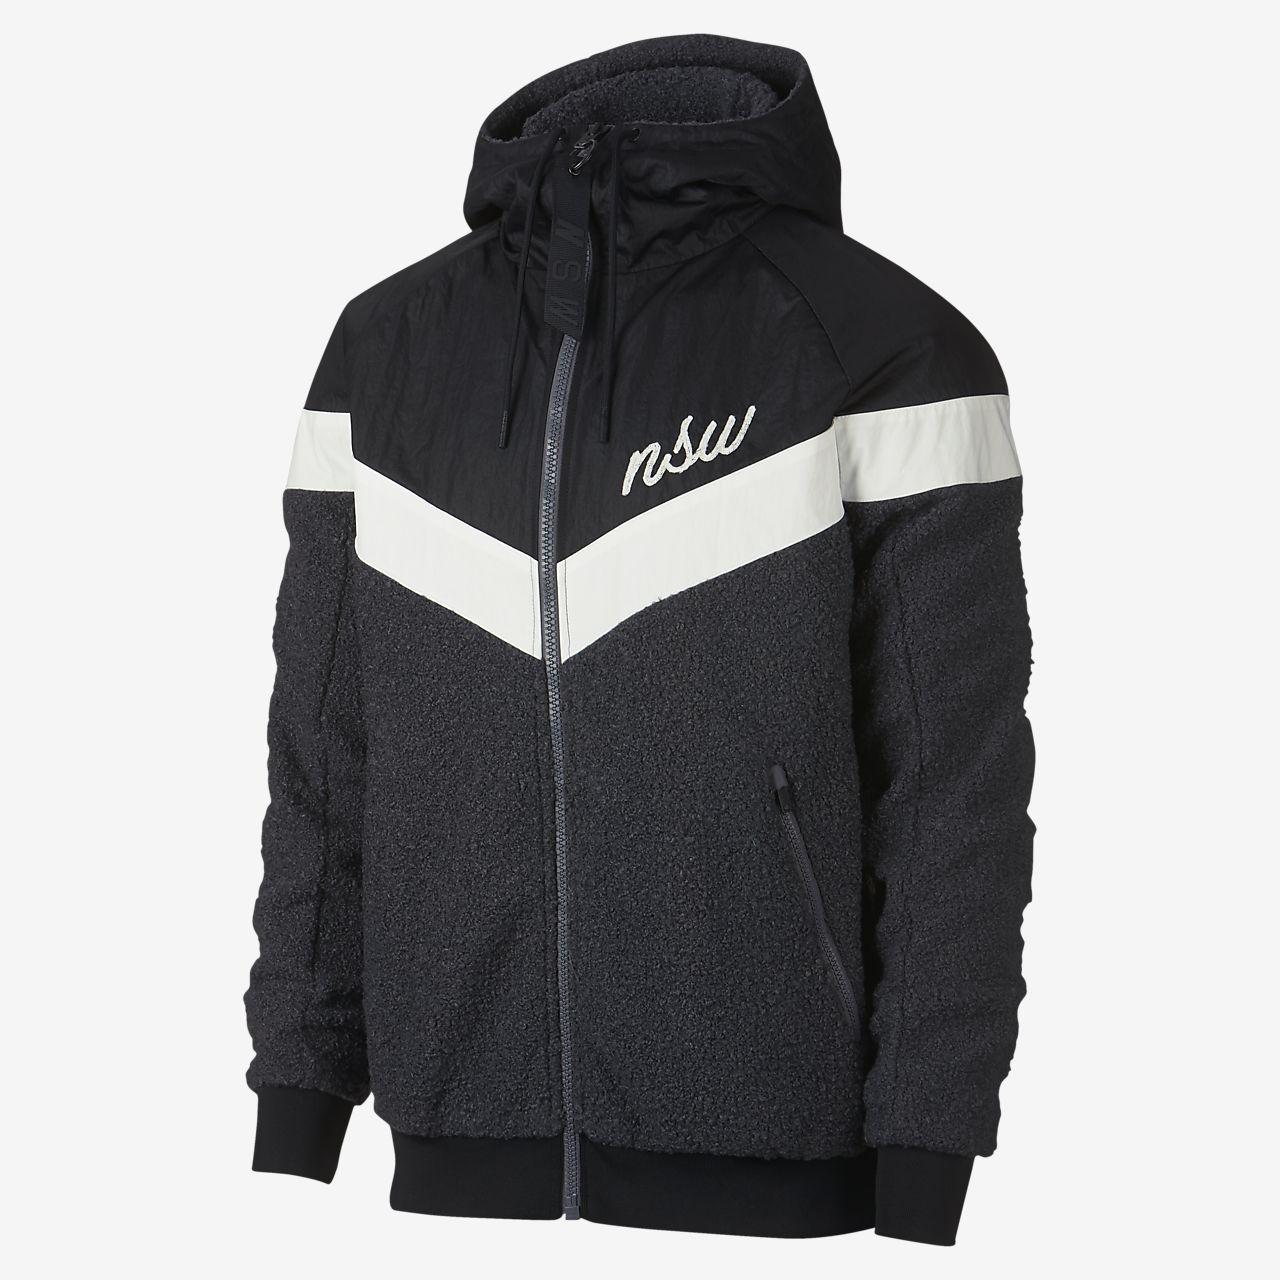 buy online 7d7e3 3c9ce ... Jacka Nike Sportswear Windrunner i sherpamaterial för män